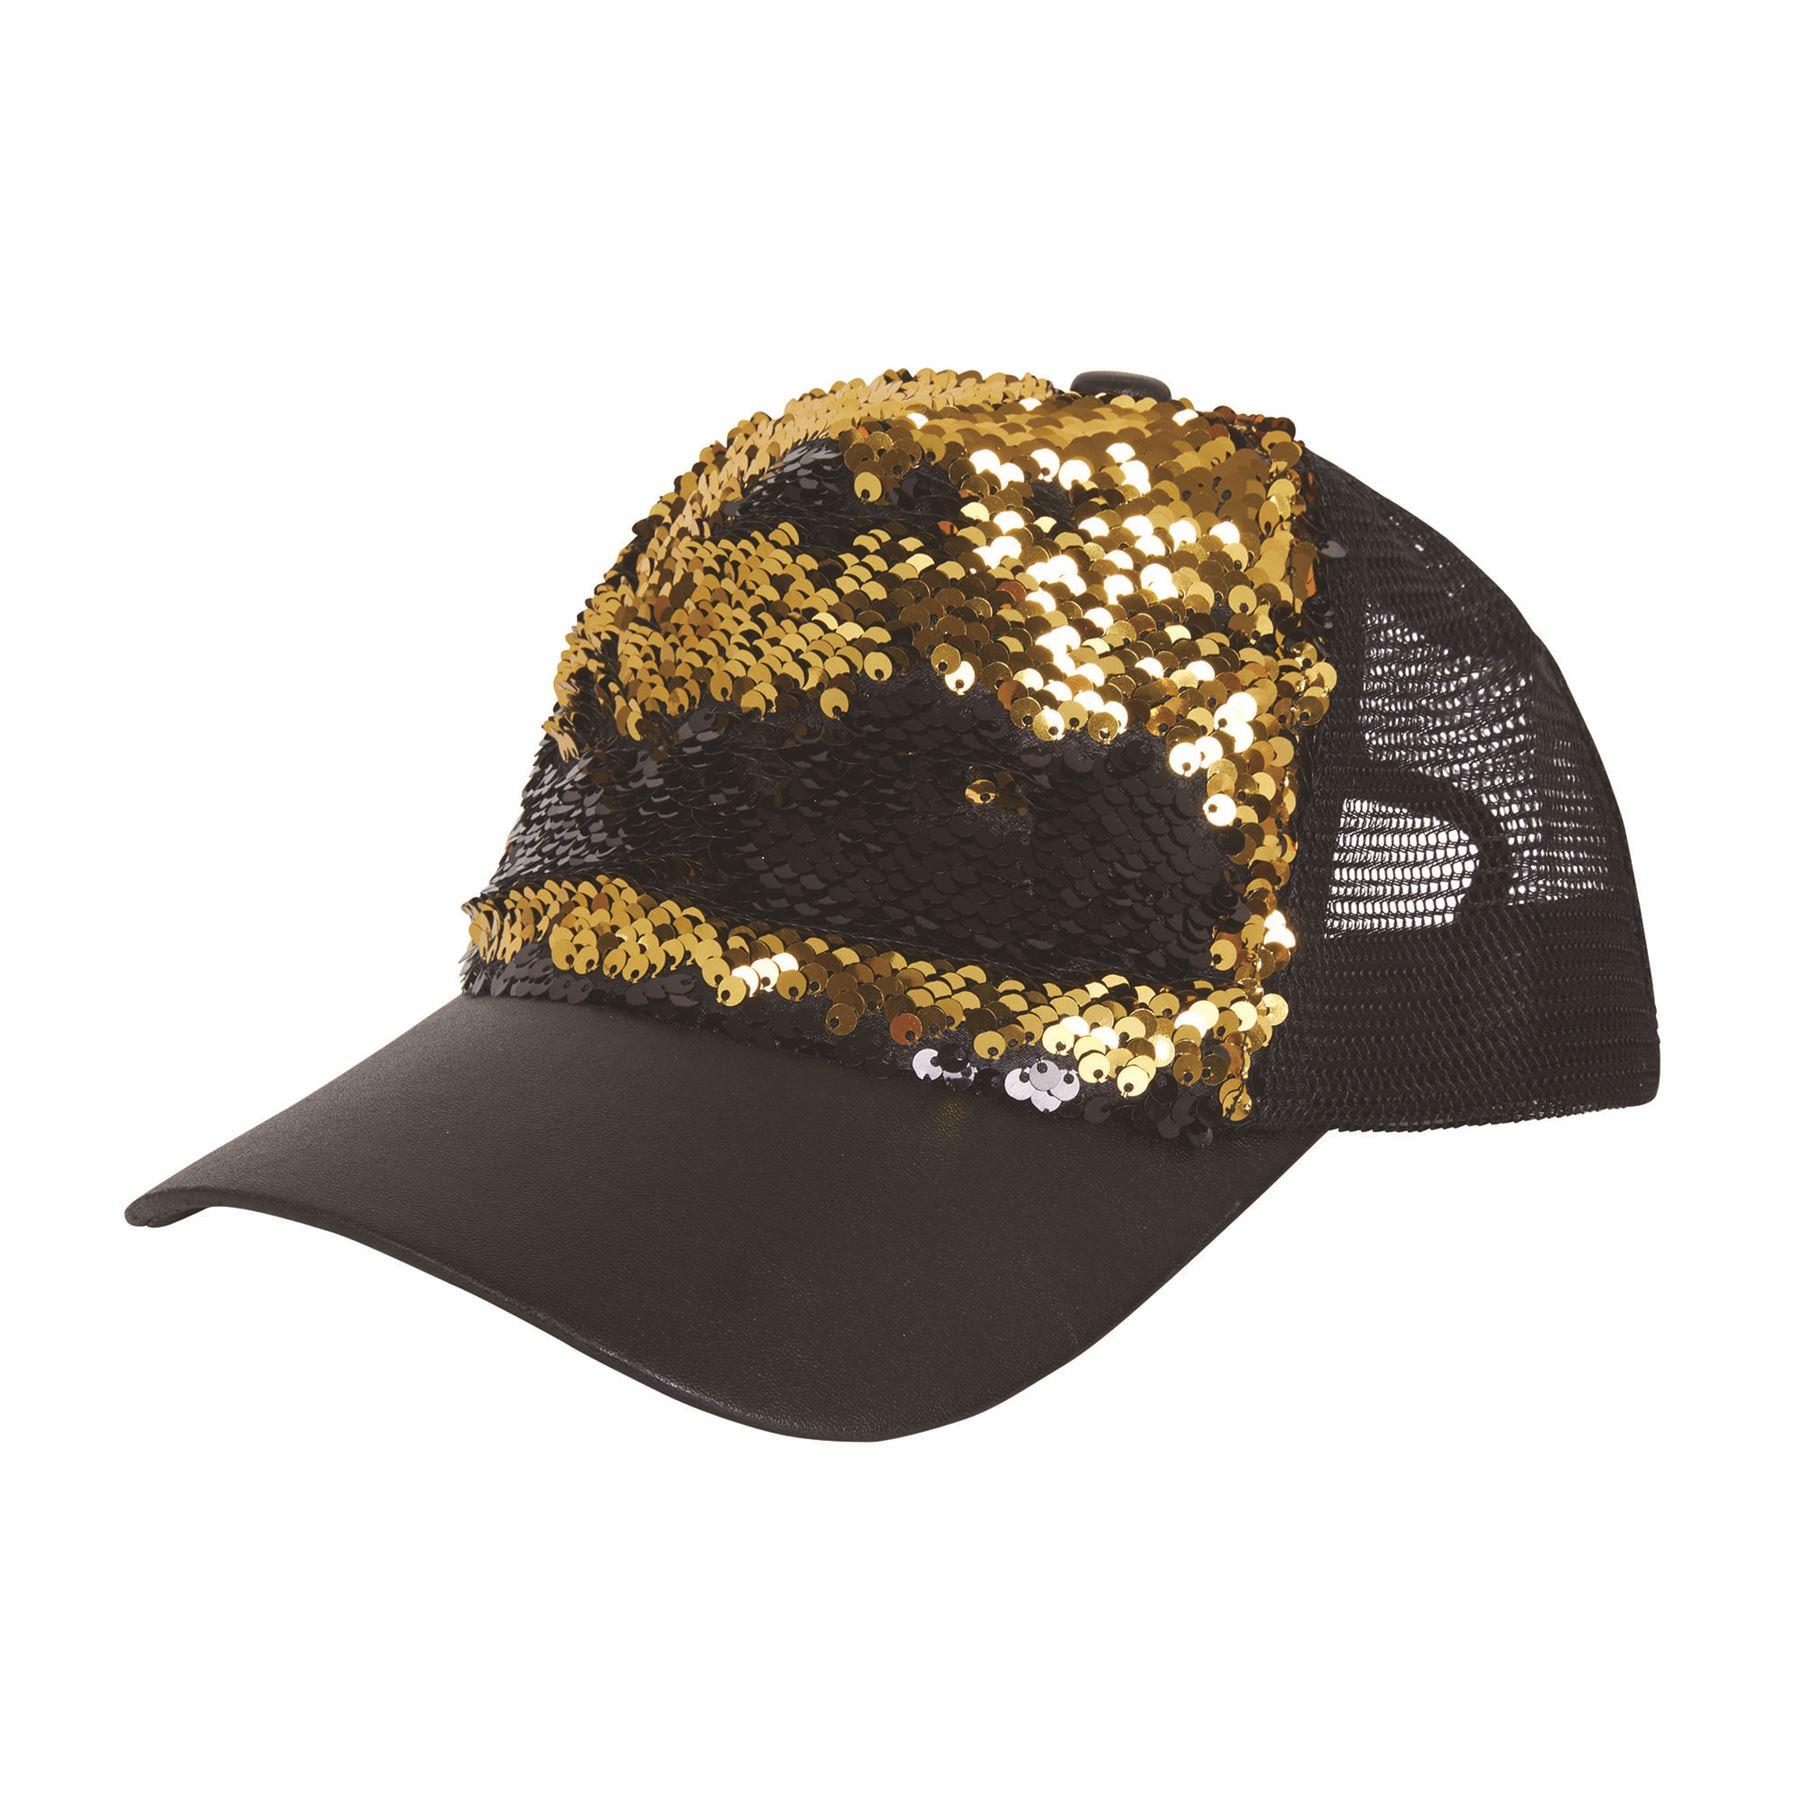 dbc3f4c99a4 Sequin Cap Reversible Black Gold Hat 60s 70s Hippie Fancy Dress